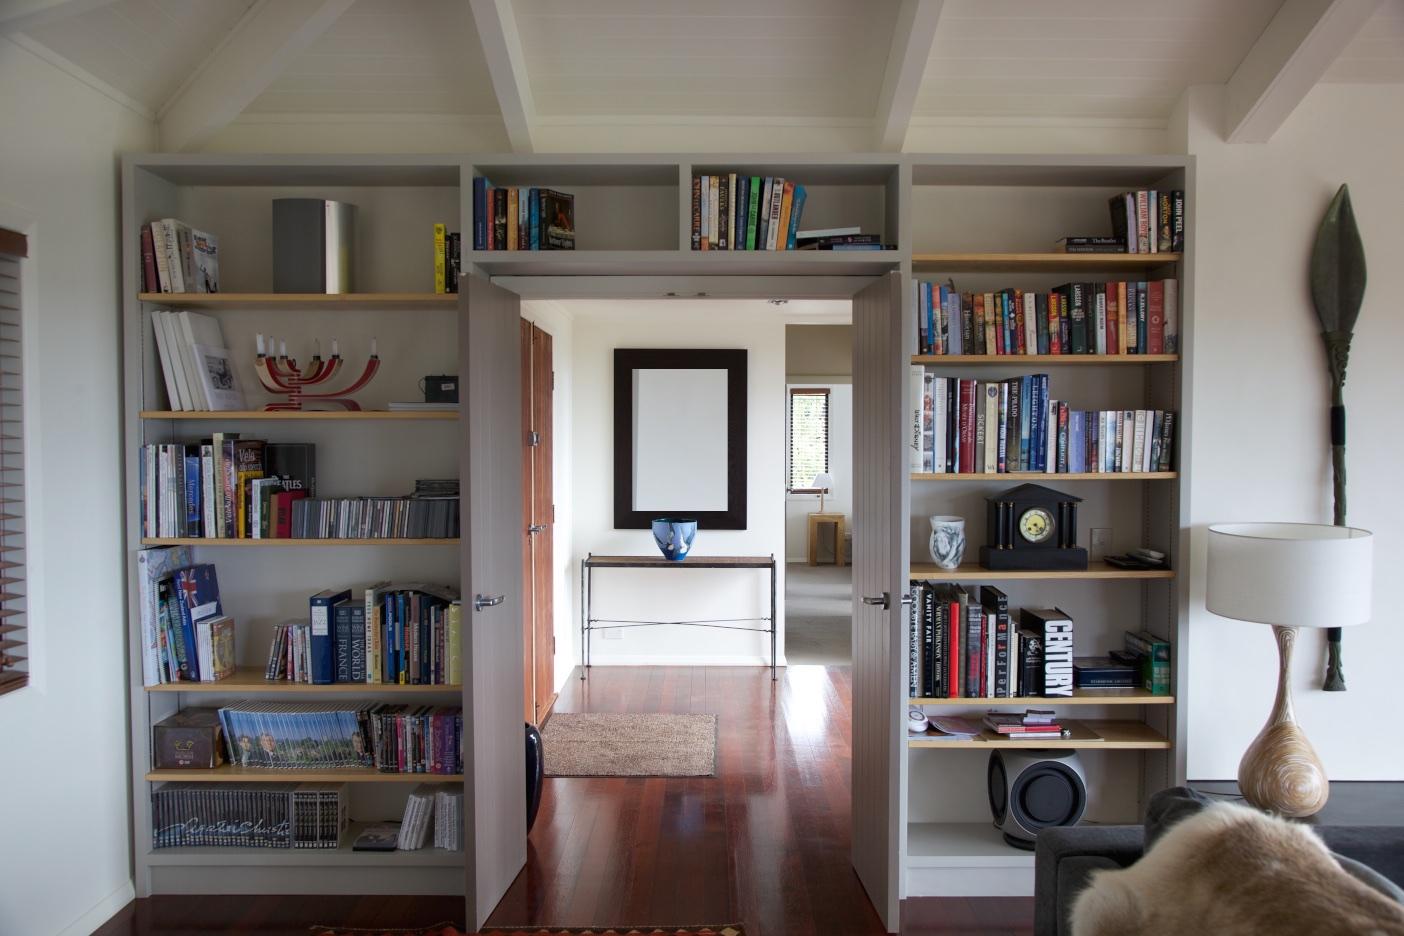 NZ book shelves